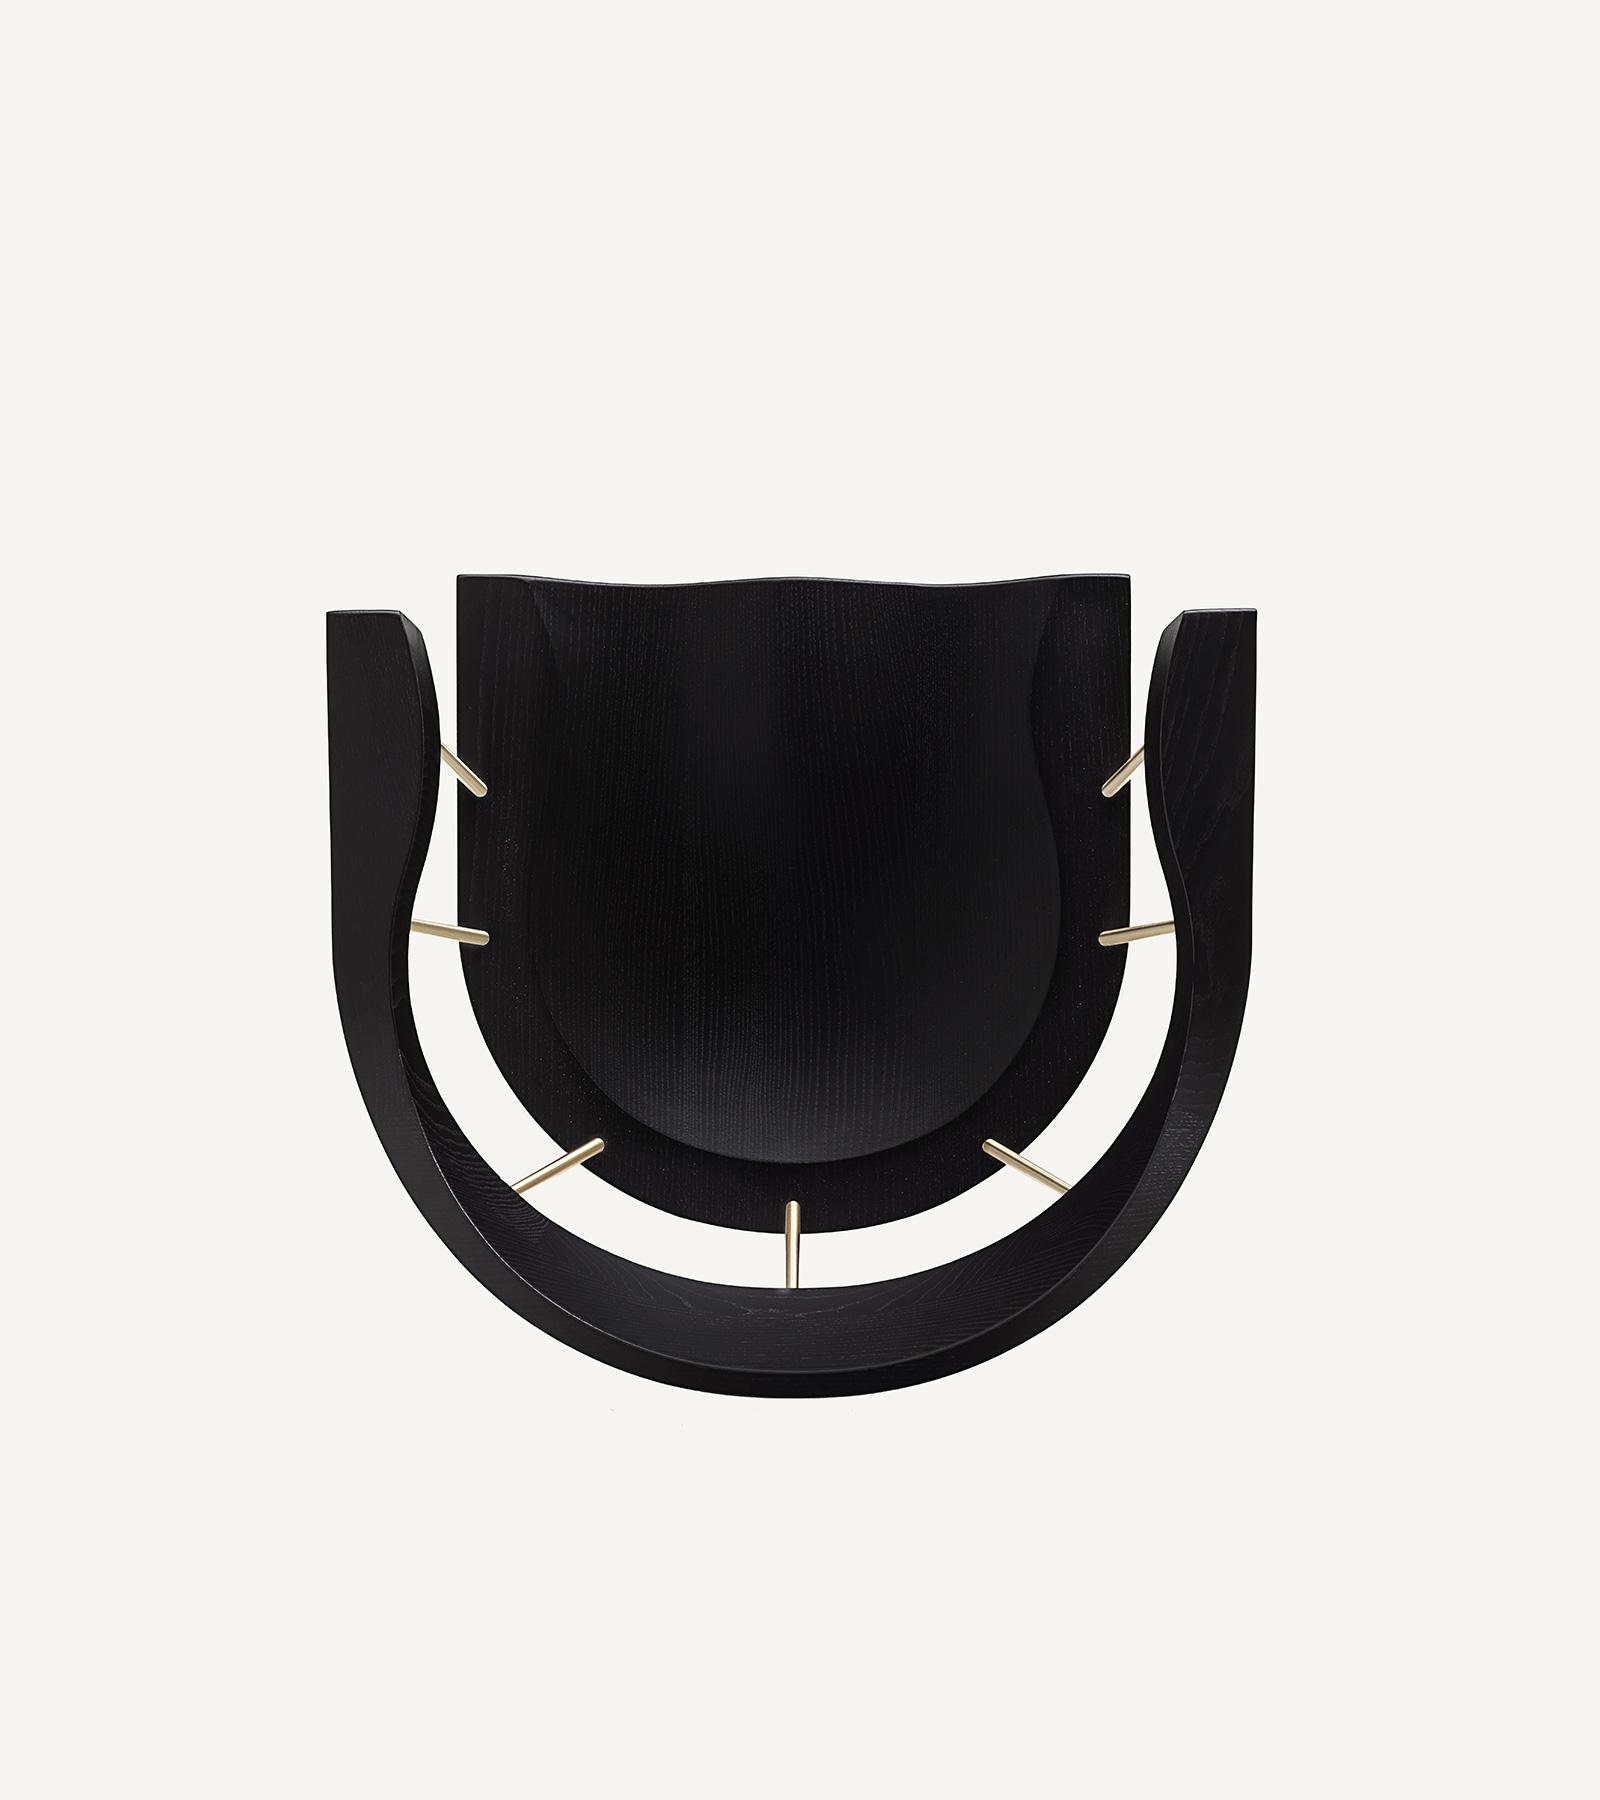 TinnappleMetz-bassamfellows-Spindle-Side-Chair-11